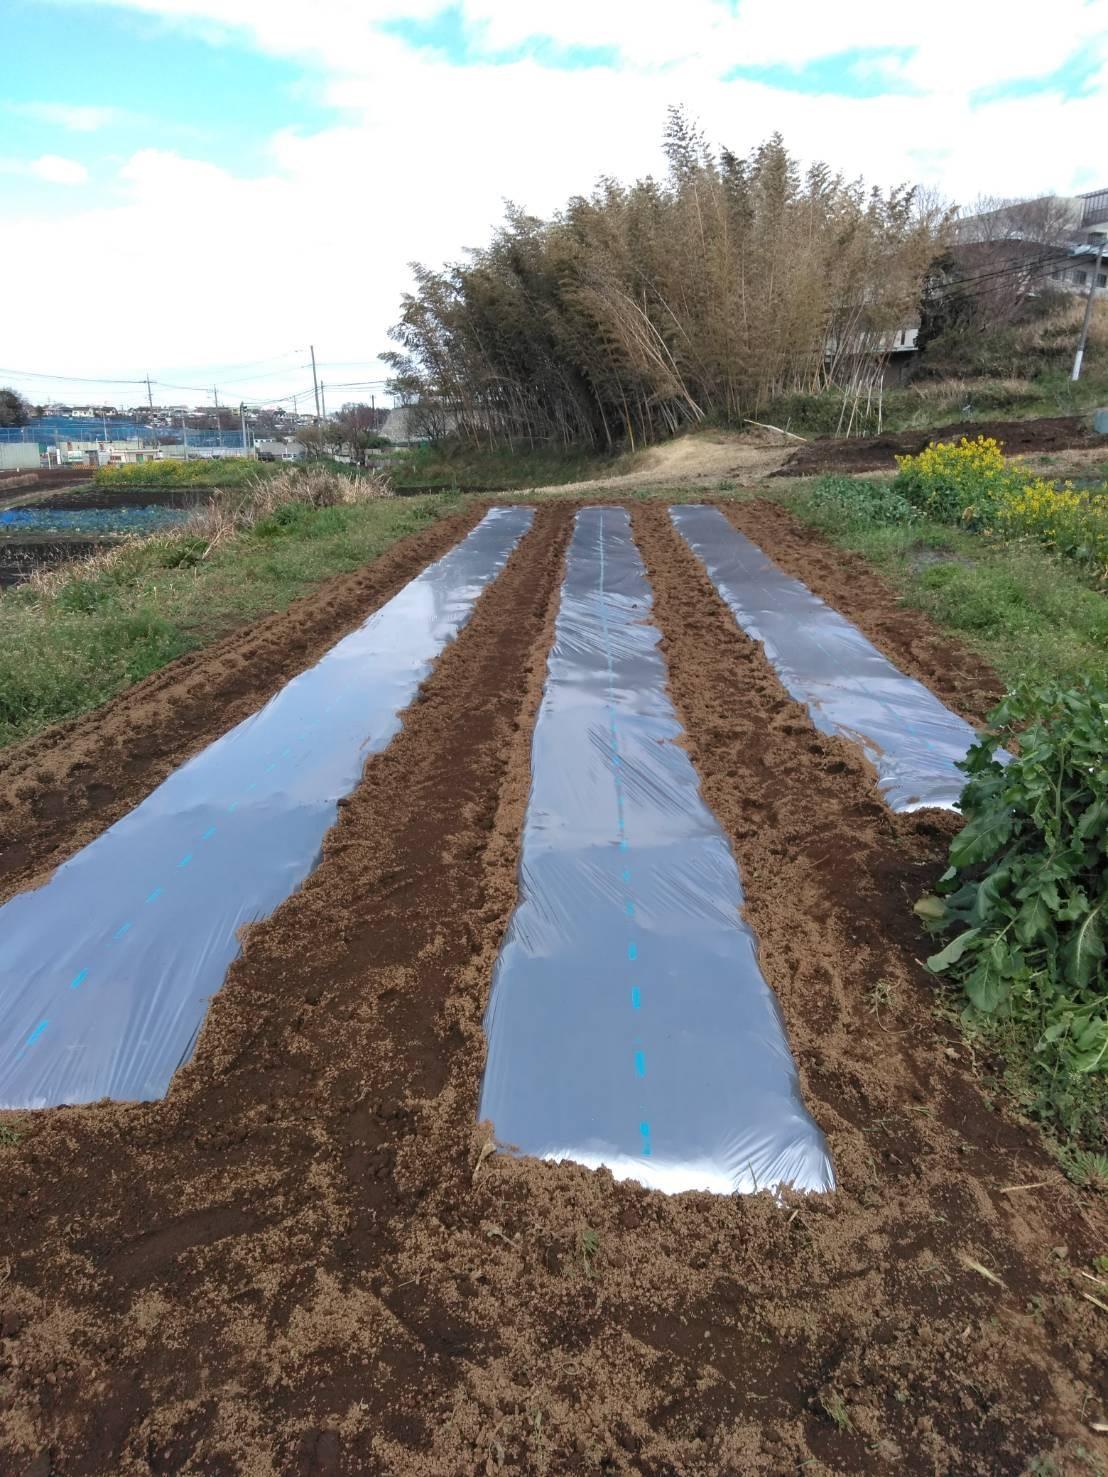 さあ じゃが芋の畝作りです 続いて 蚕豆 エンドウ豆の防鳥ネット張り始めます_c0222448_13011154.jpg